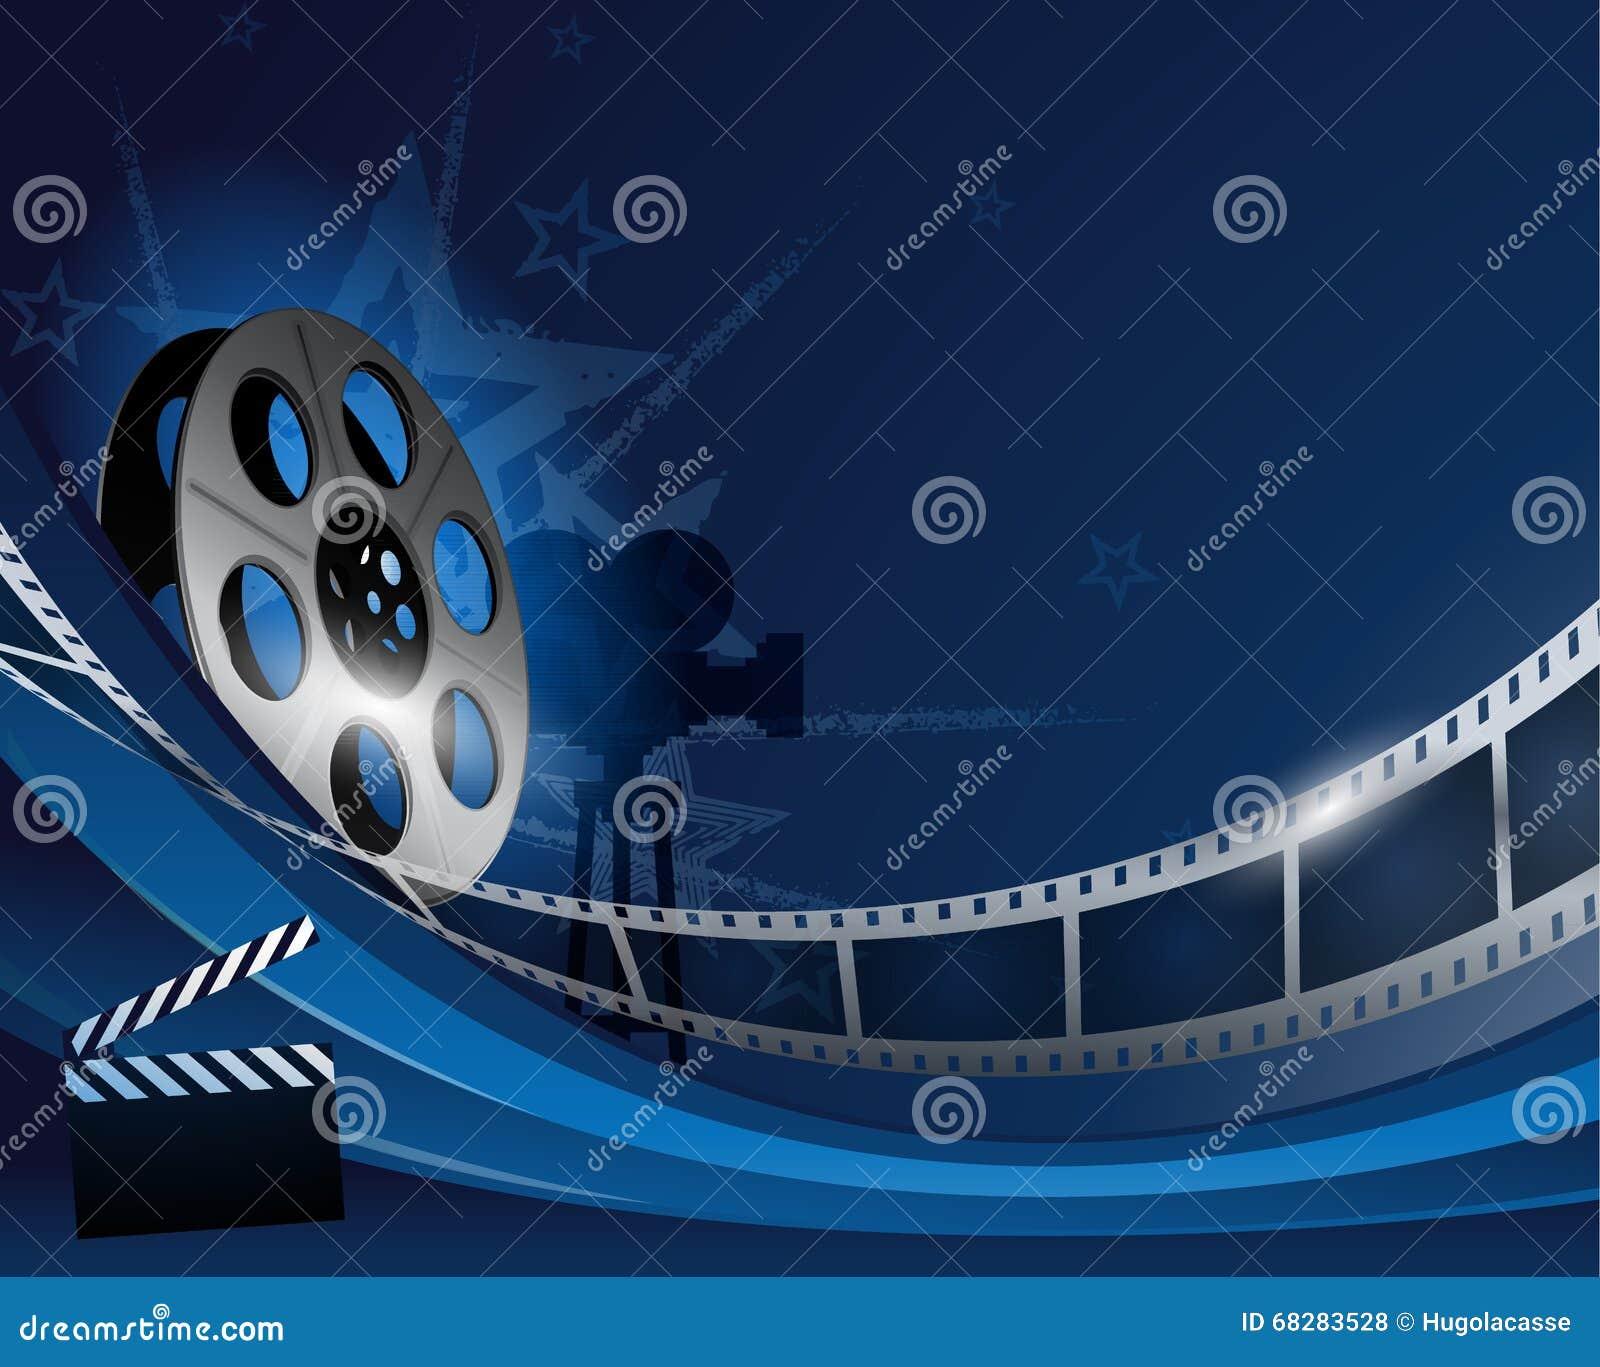 影视背景_蓝色抽象影片轴电影背景